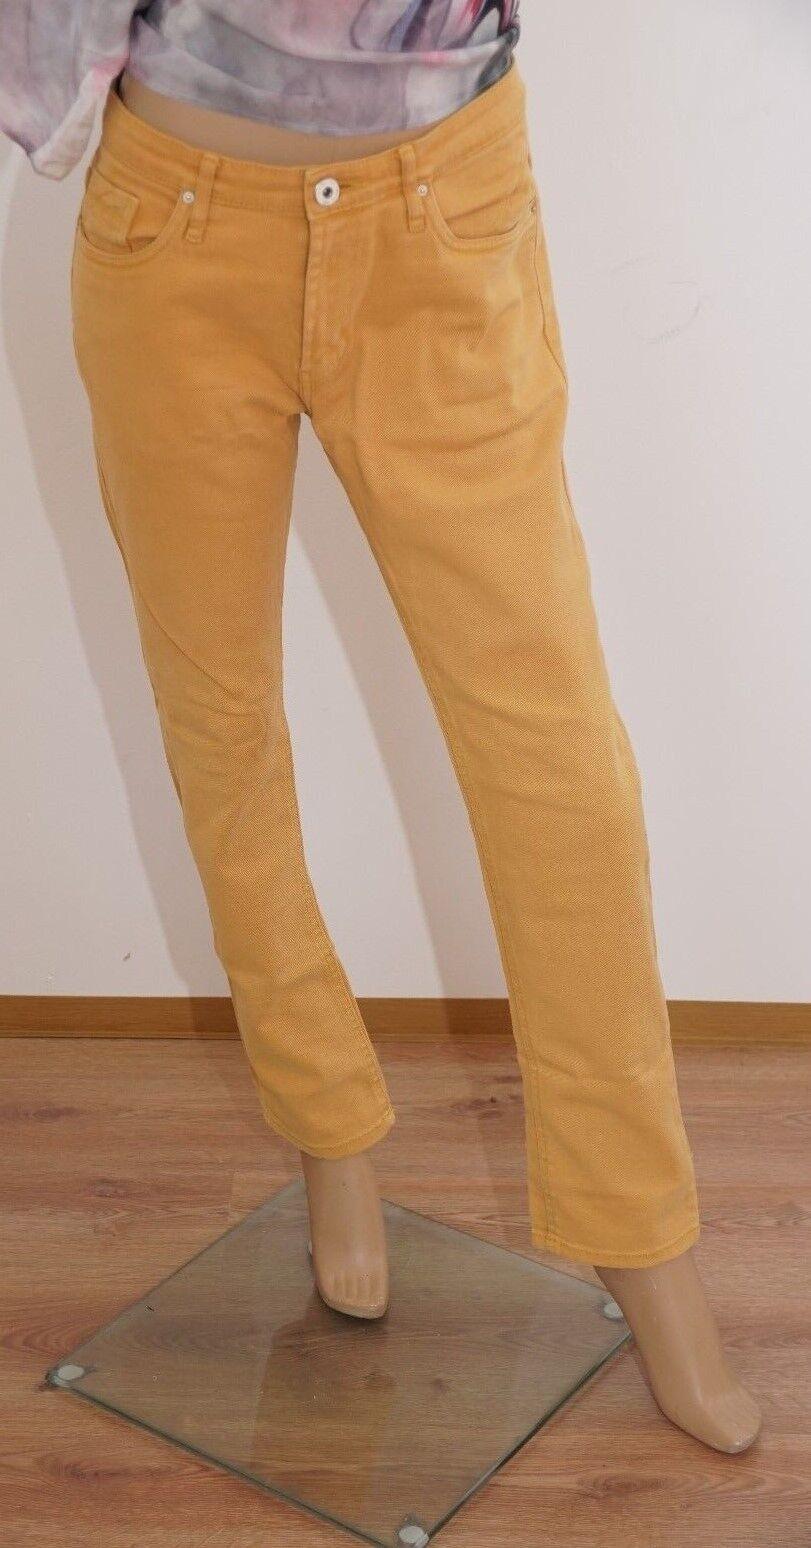 Fishbone Hose Damen gelb Damenhose L (1703A-BR-OH#) 09/2021